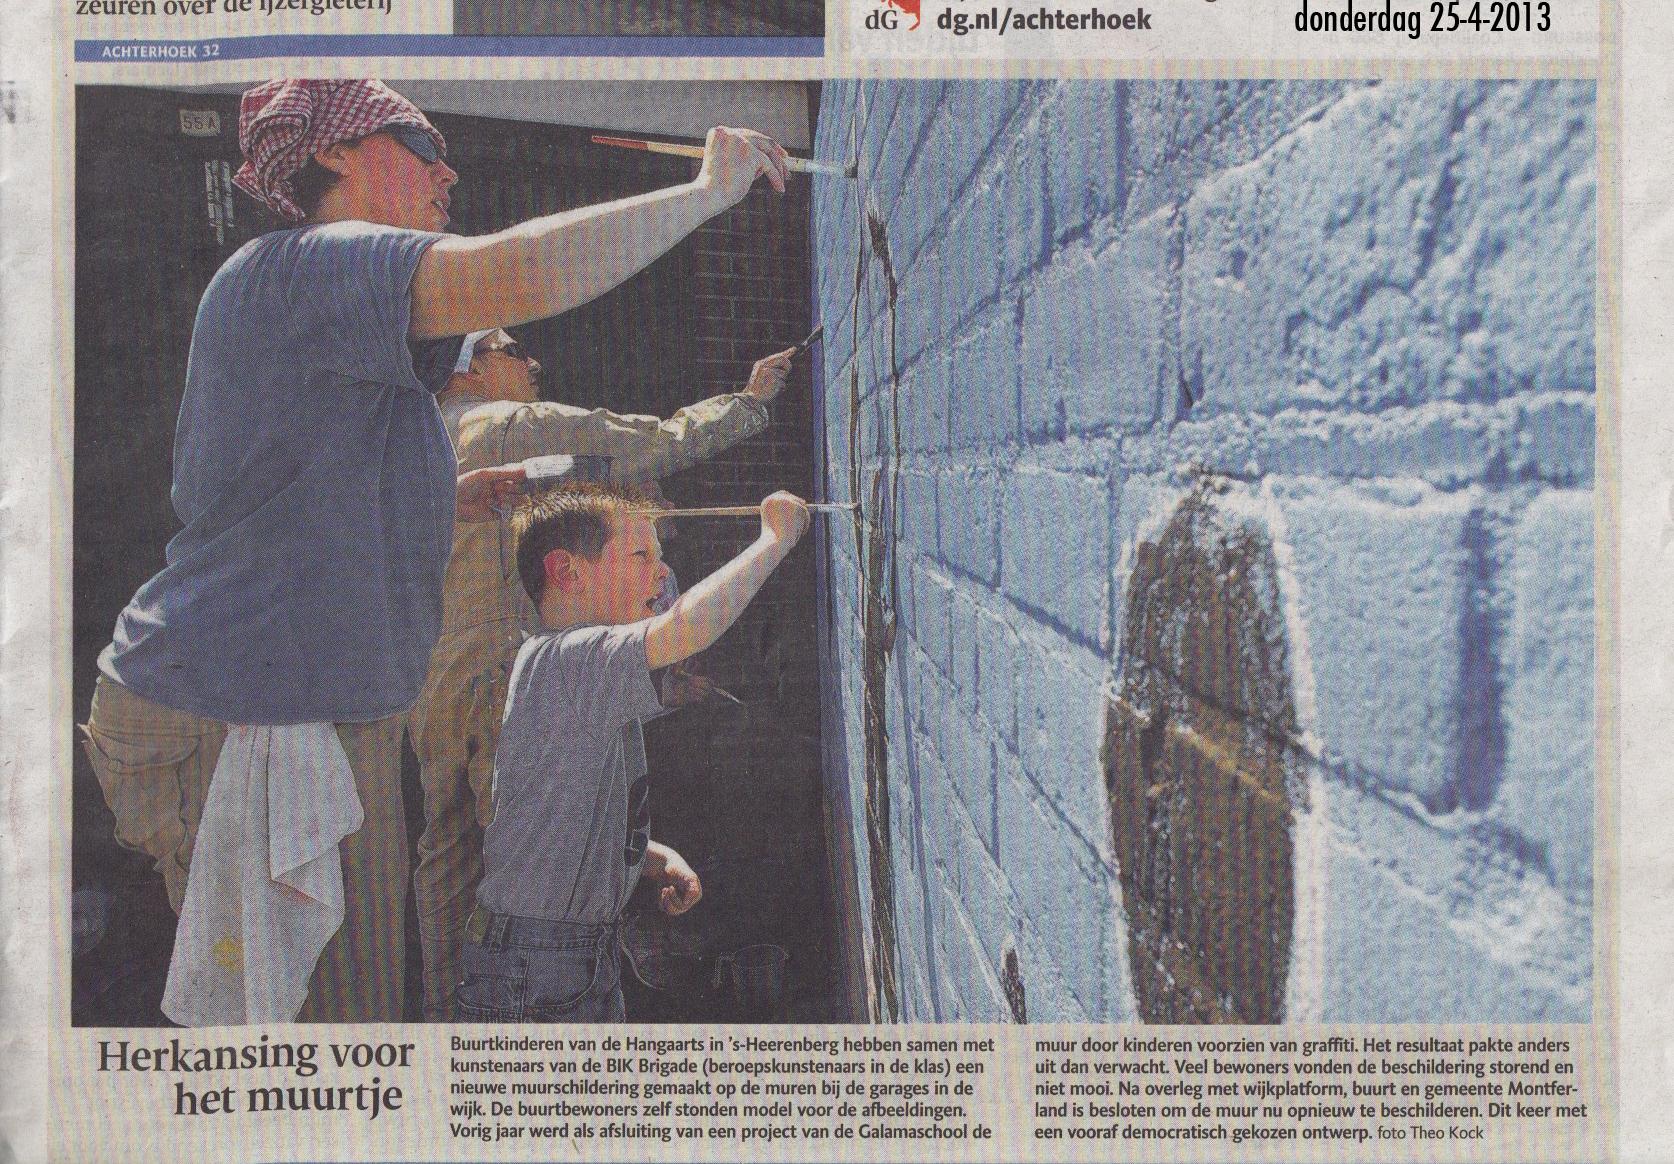 Gemeente 's heerenberg muurschildering met buurtbewoners Hangaarts